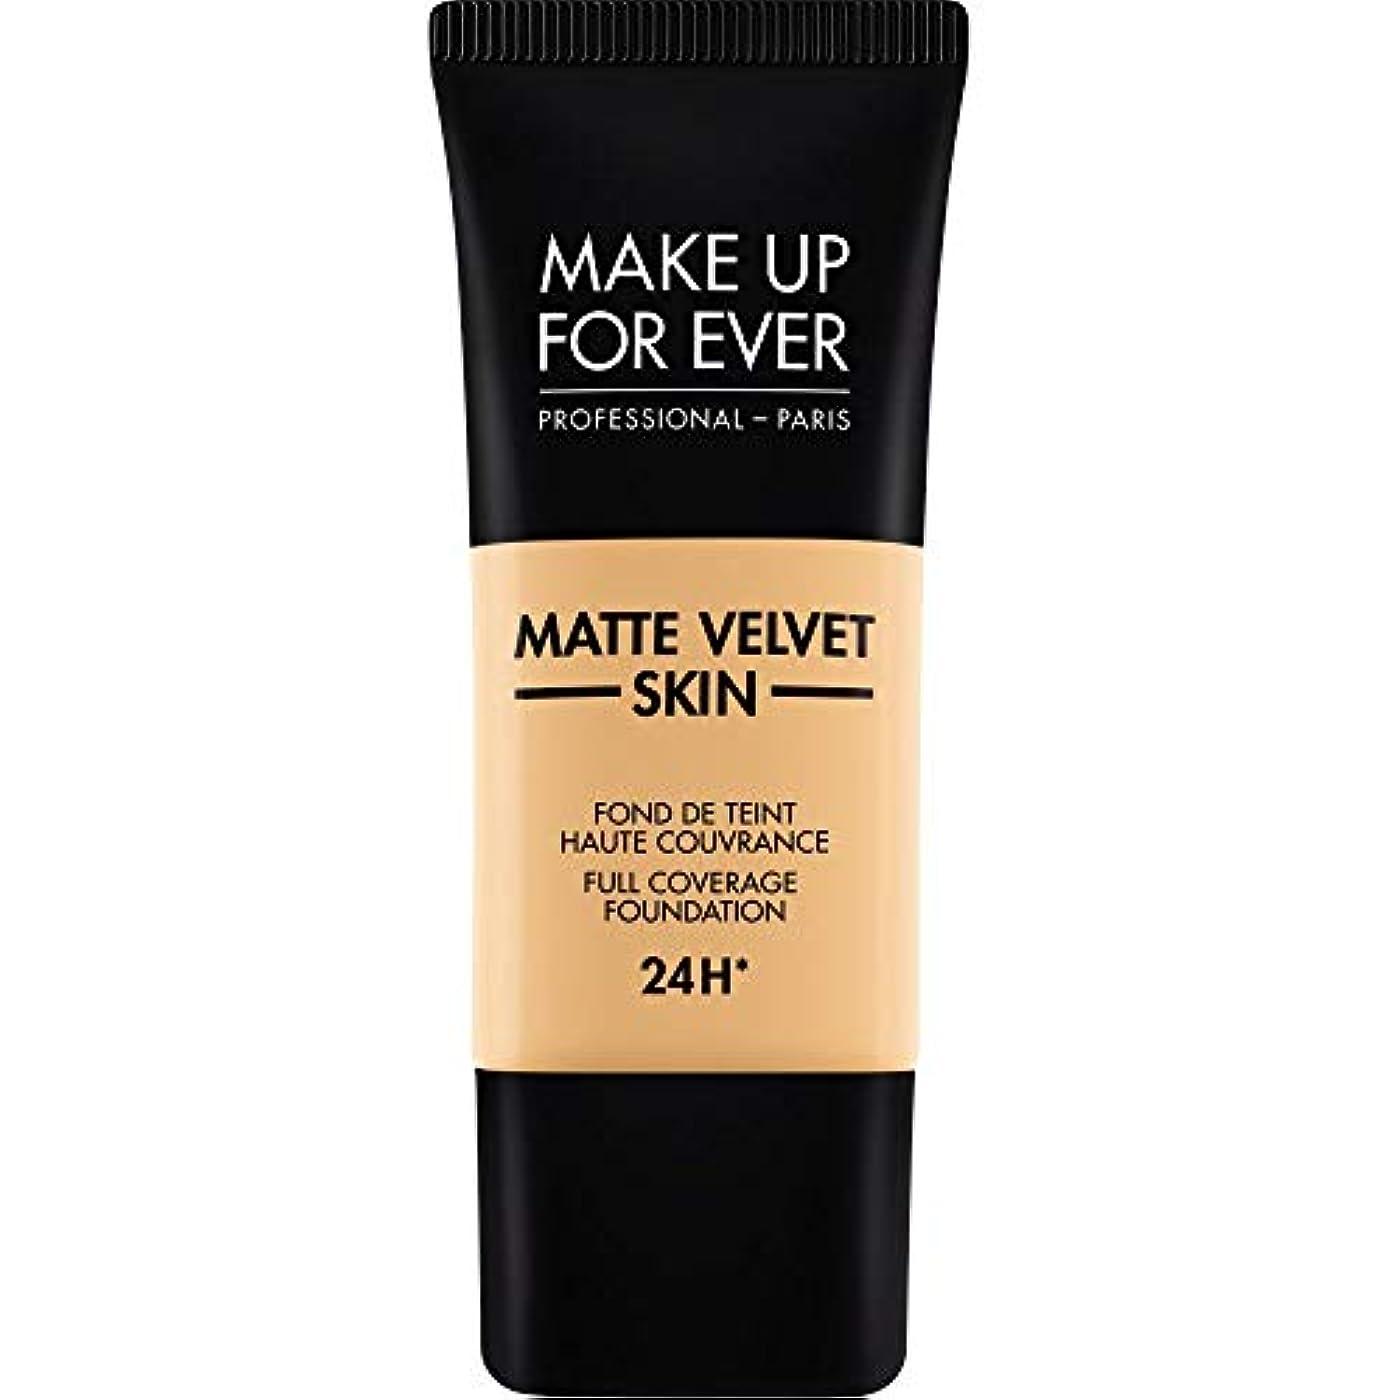 失効広げるフィード[MAKE UP FOR EVER ] 柔らかい砂 - これまでマットベルベットの皮膚のフルカバレッジ基礎30ミリリットルのY245を補います - MAKE UP FOR EVER Matte Velvet Skin Full...